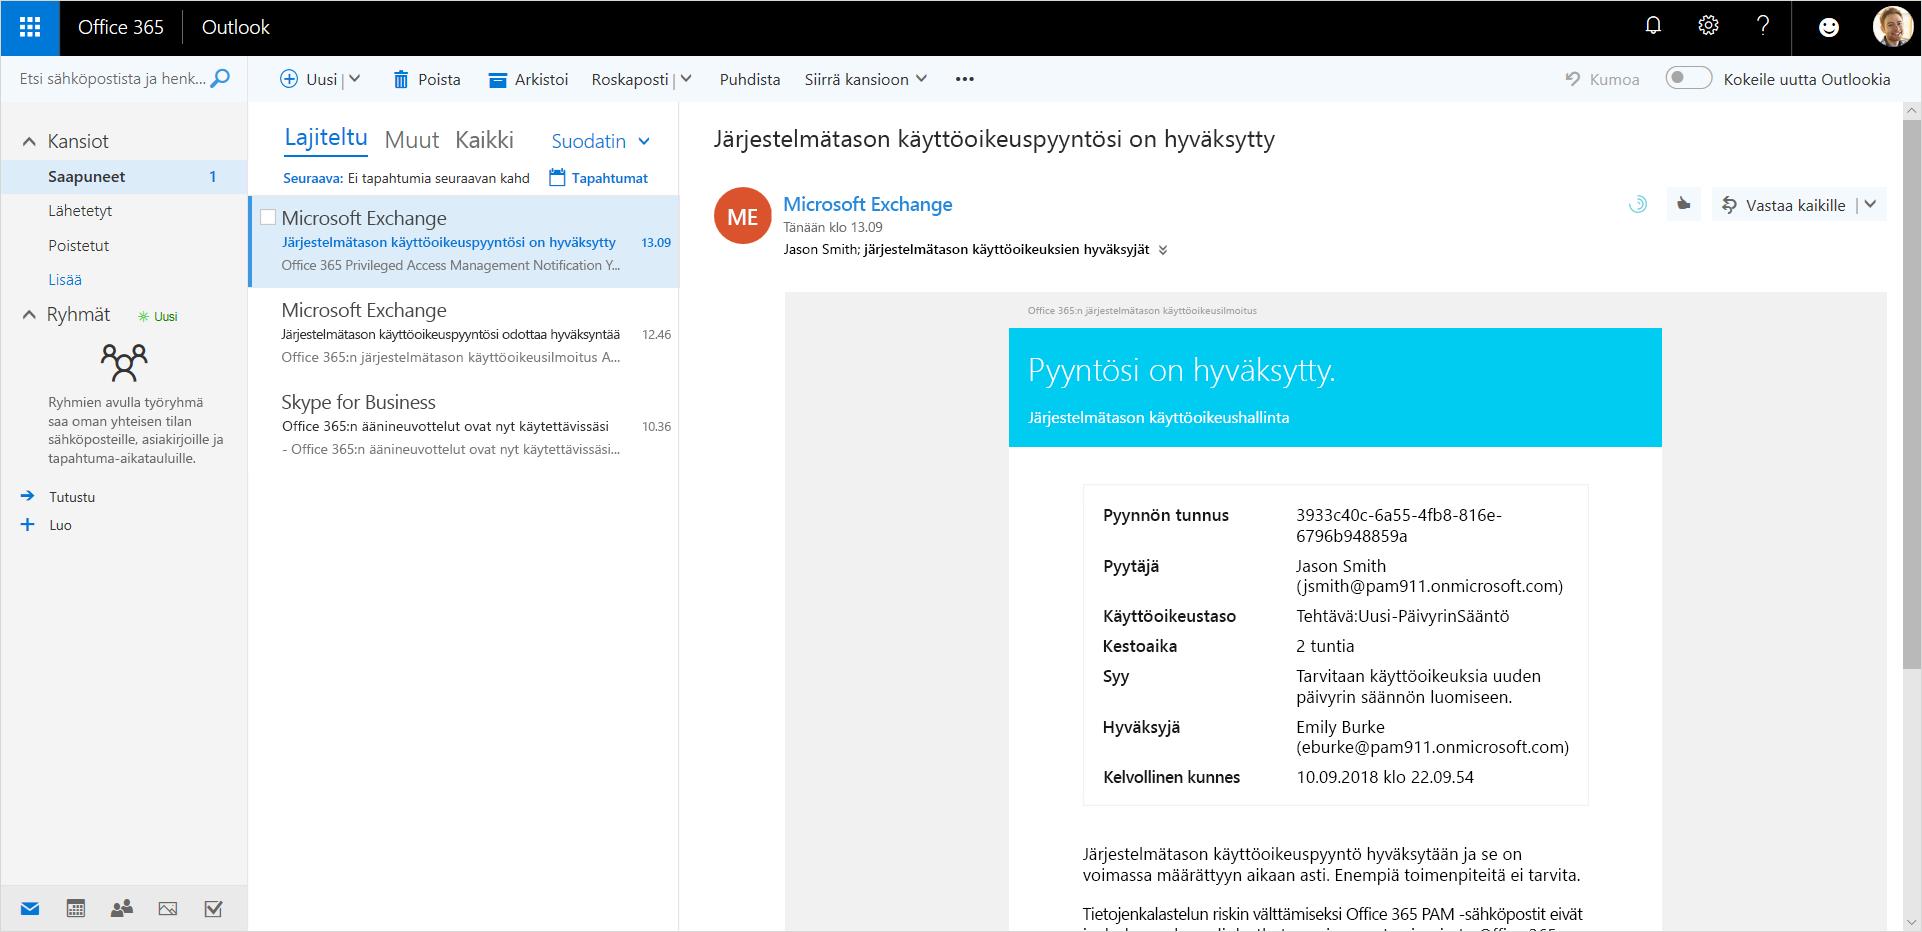 Kuva, jossa näkyy hyväksytty etuoikeutetun käytön pyyntö Outlookissa.